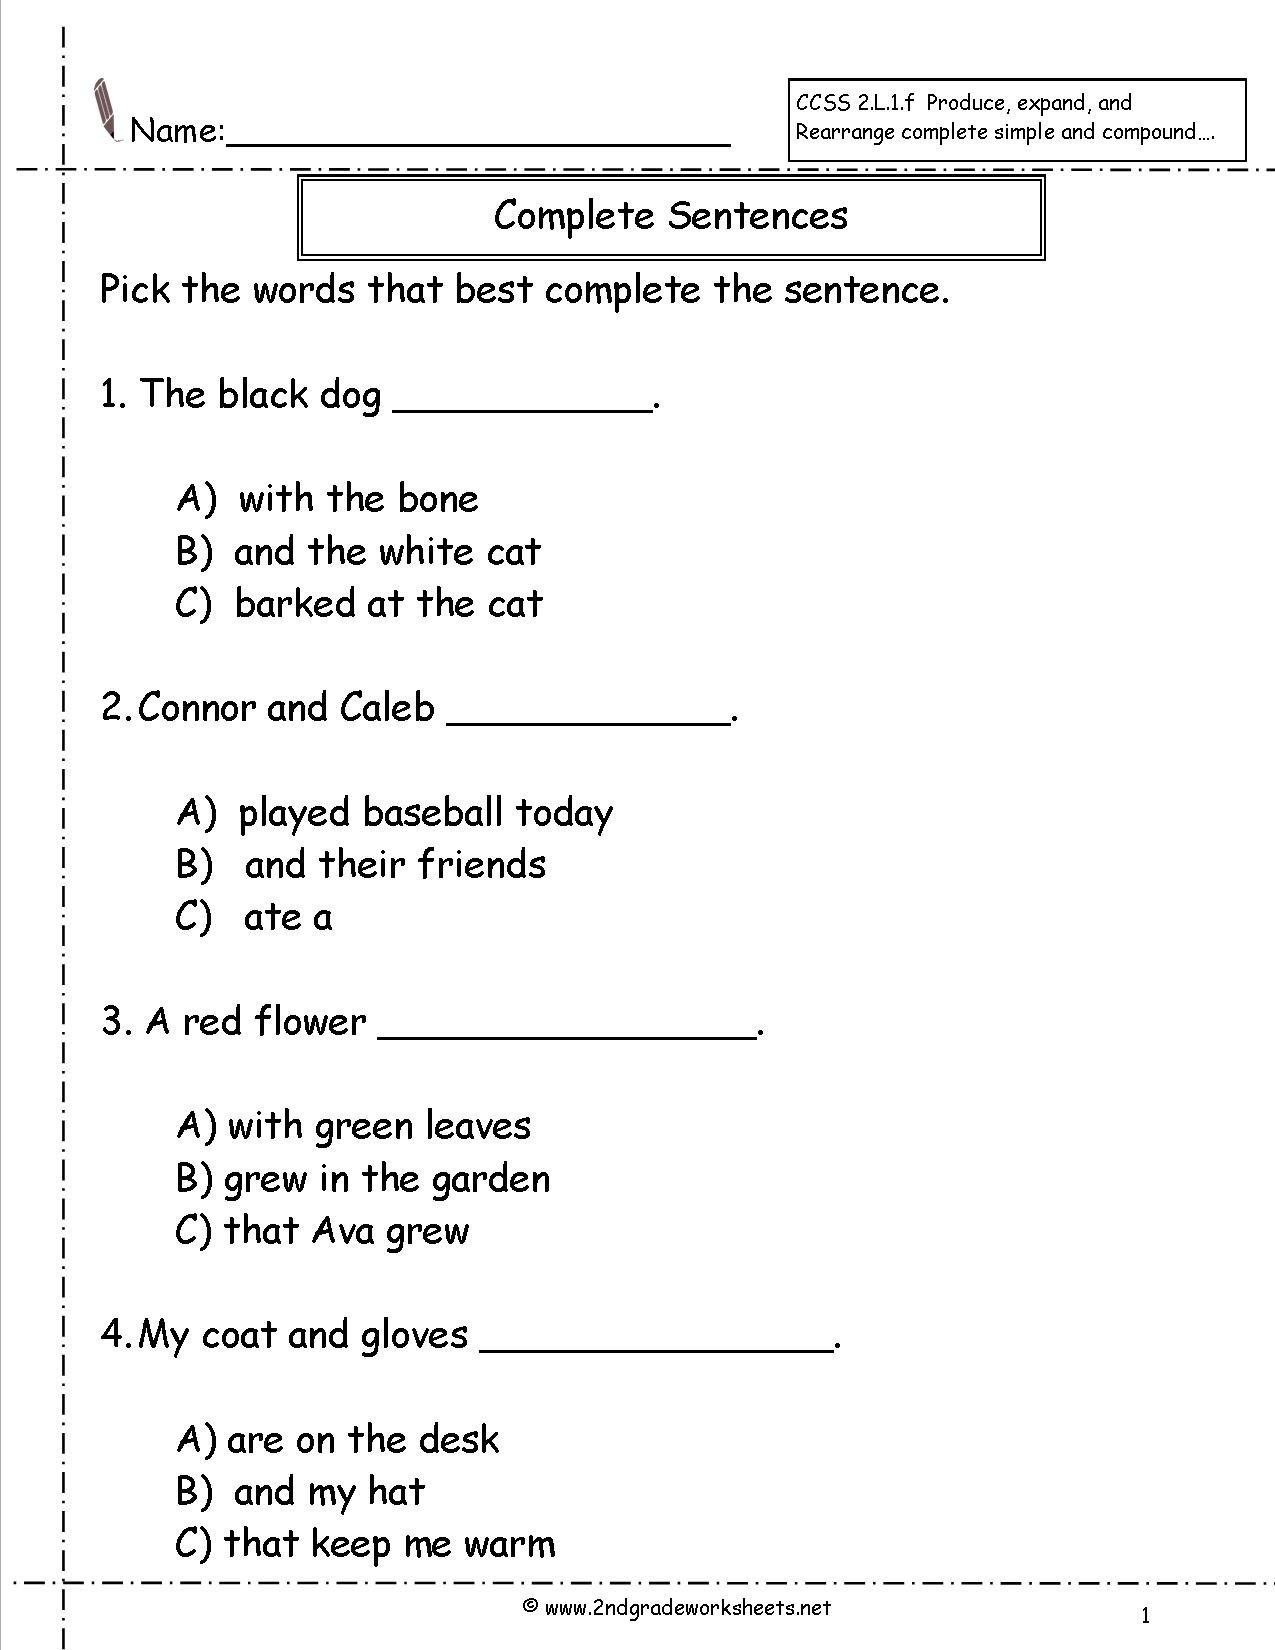 Number Sentence Worksheets 2nd Grade Second Grade Sentences Worksheets Ccss 2 L 1 F Worksheets